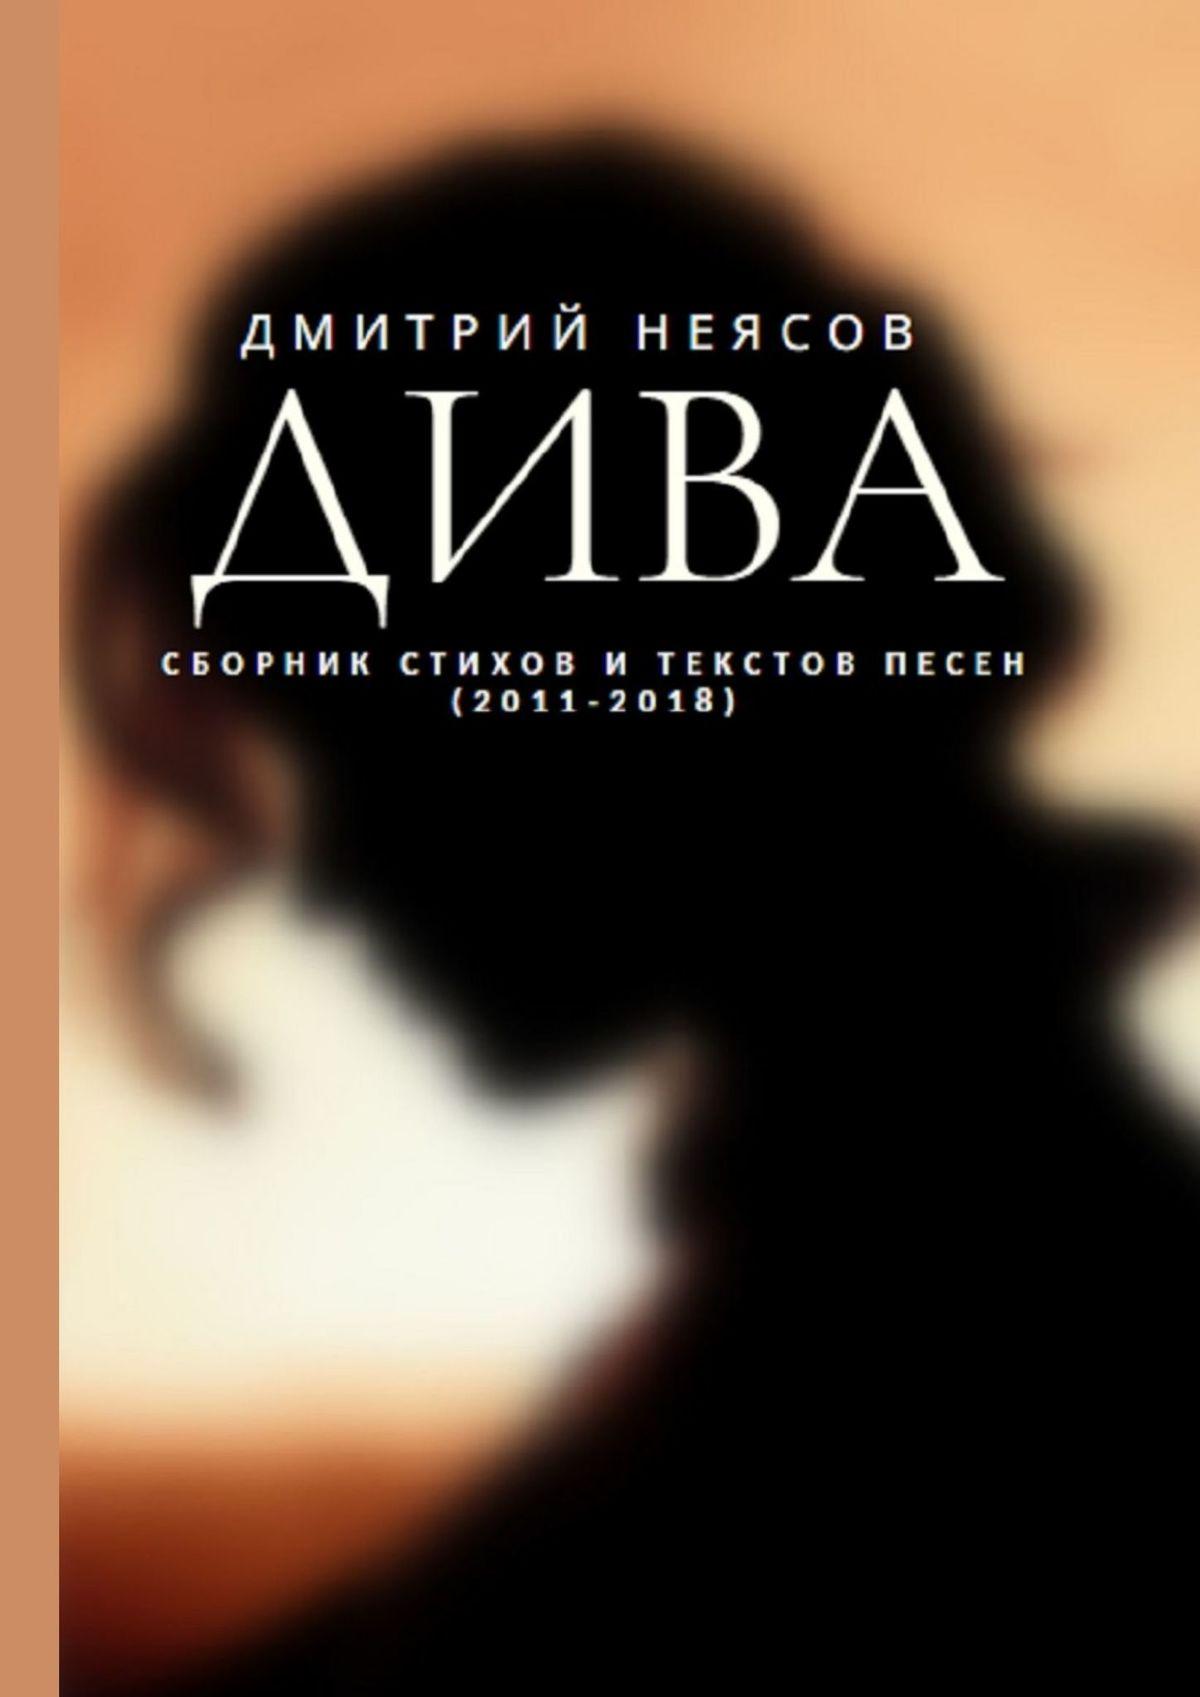 Дмитрий Неясов Сборник стихов и текстов песен: Возрождение вдохновения